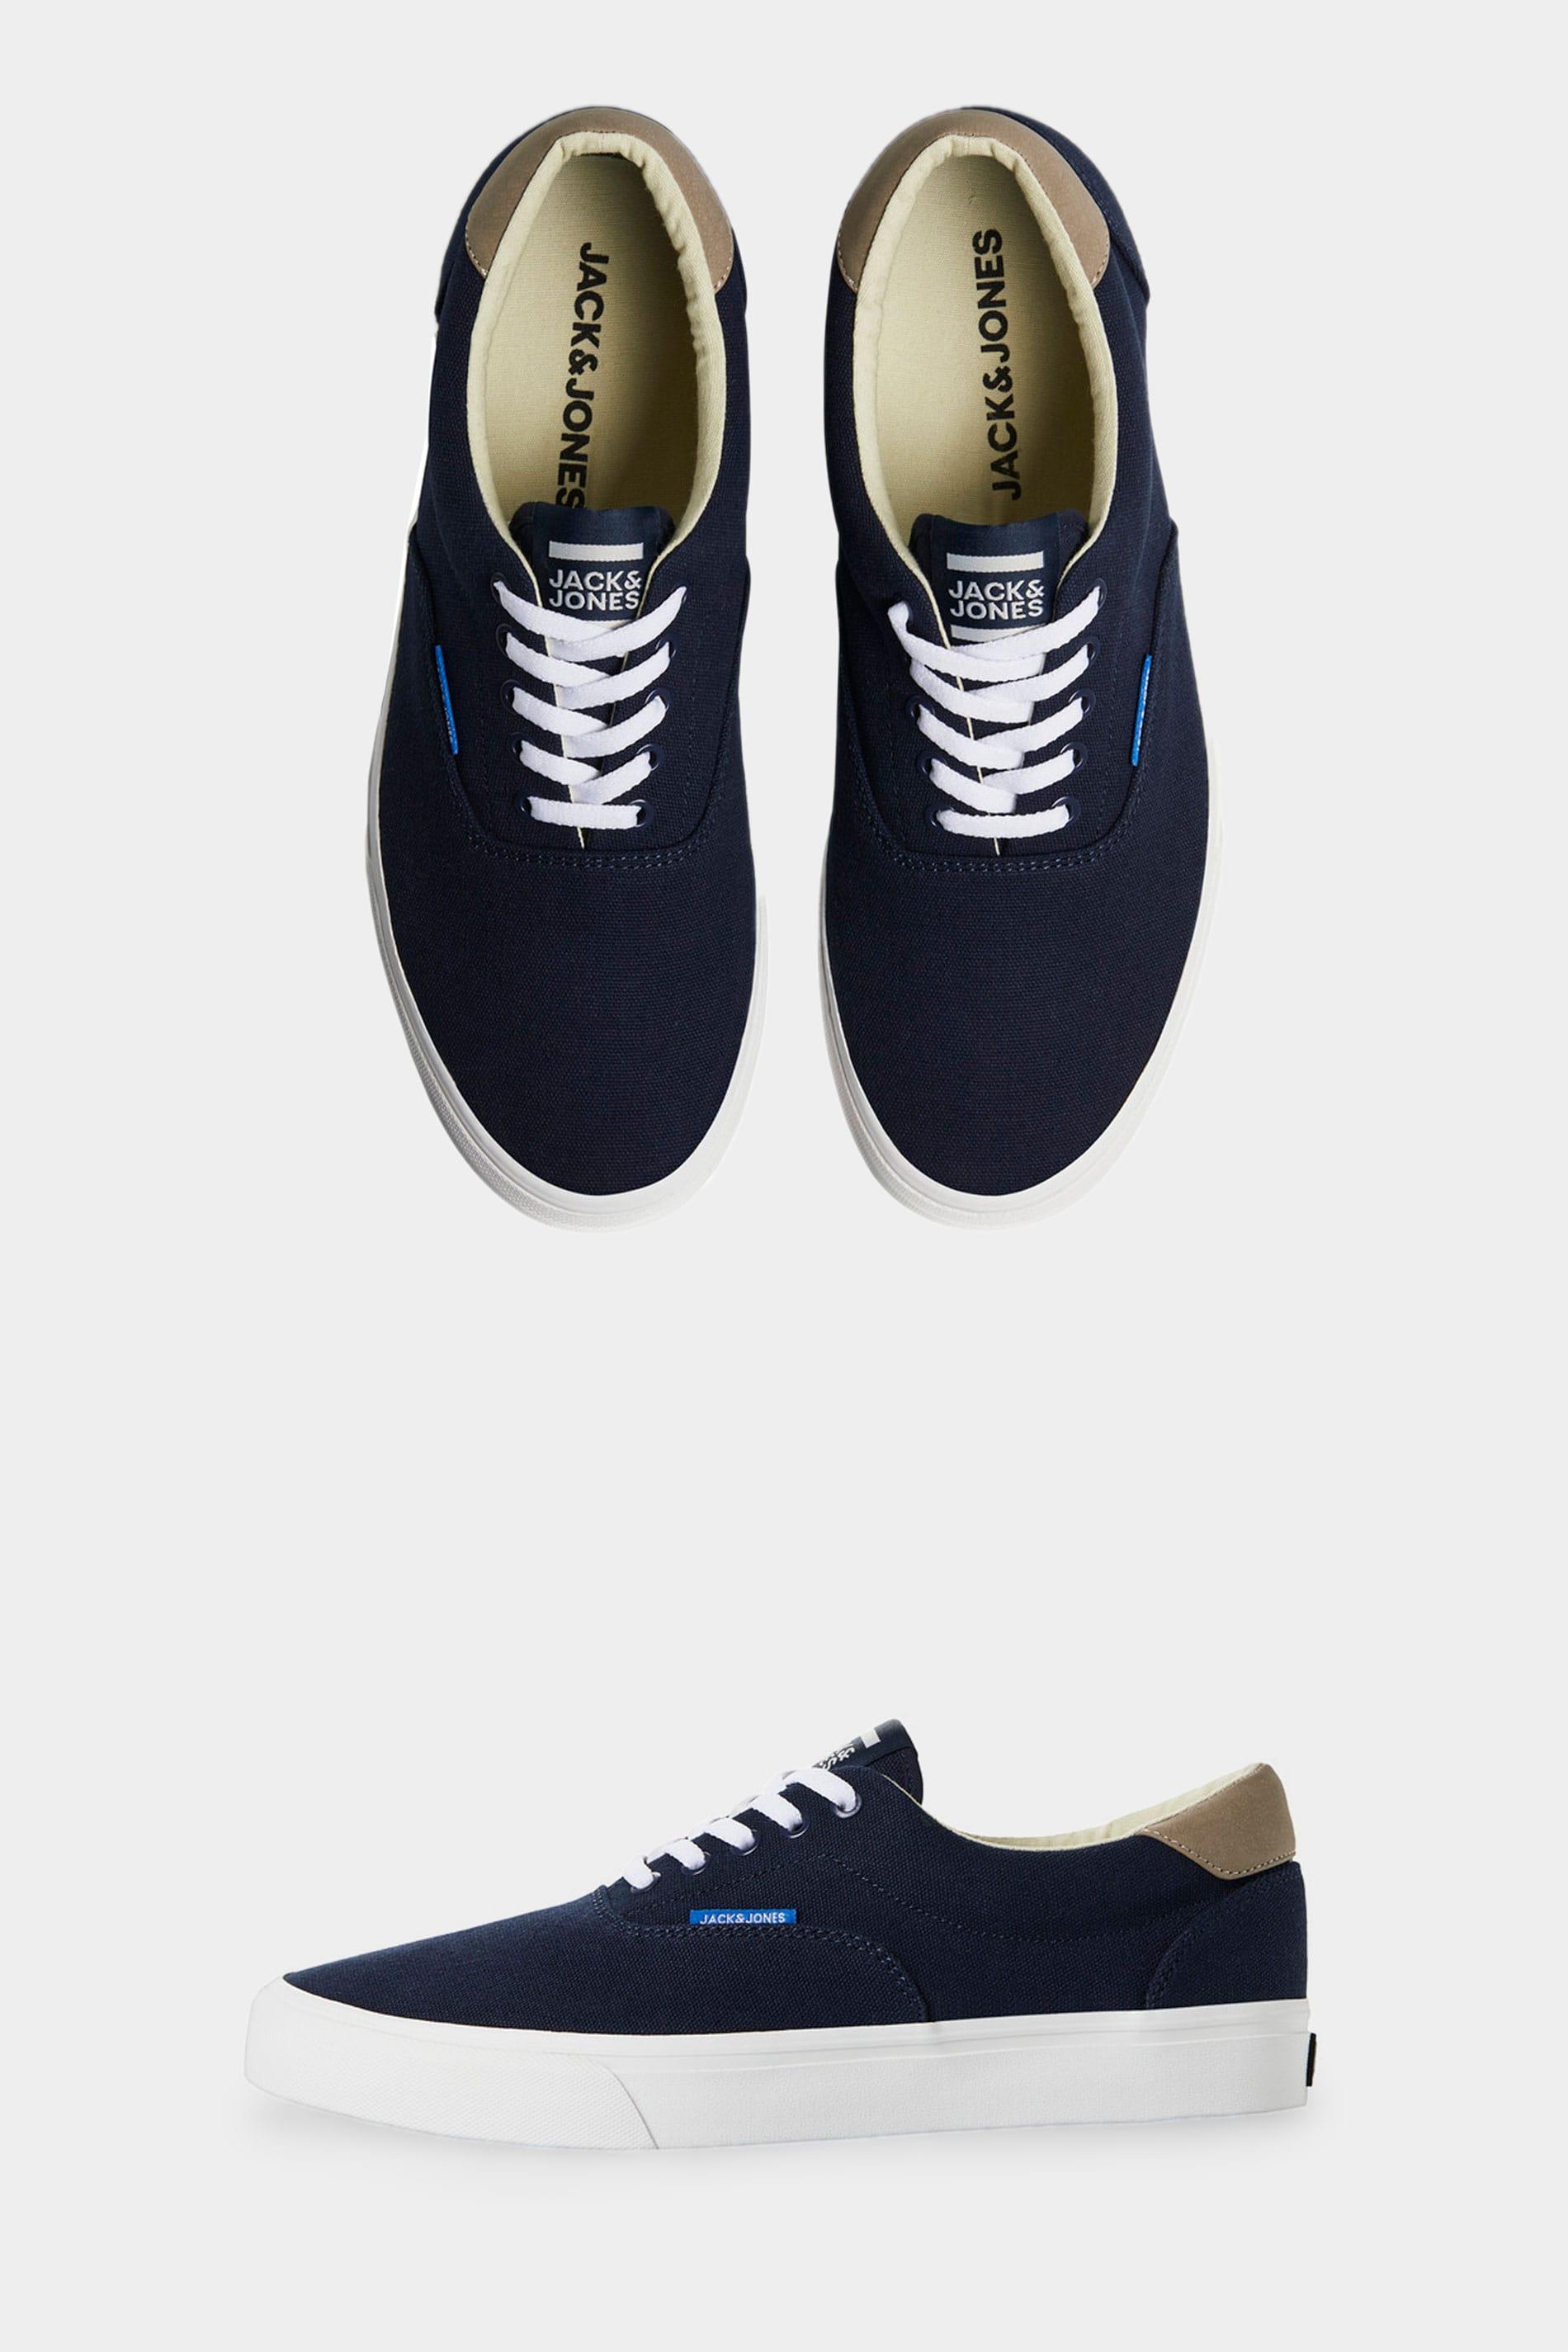 JACK & JONES - Canvas sneakers in donkerblauw